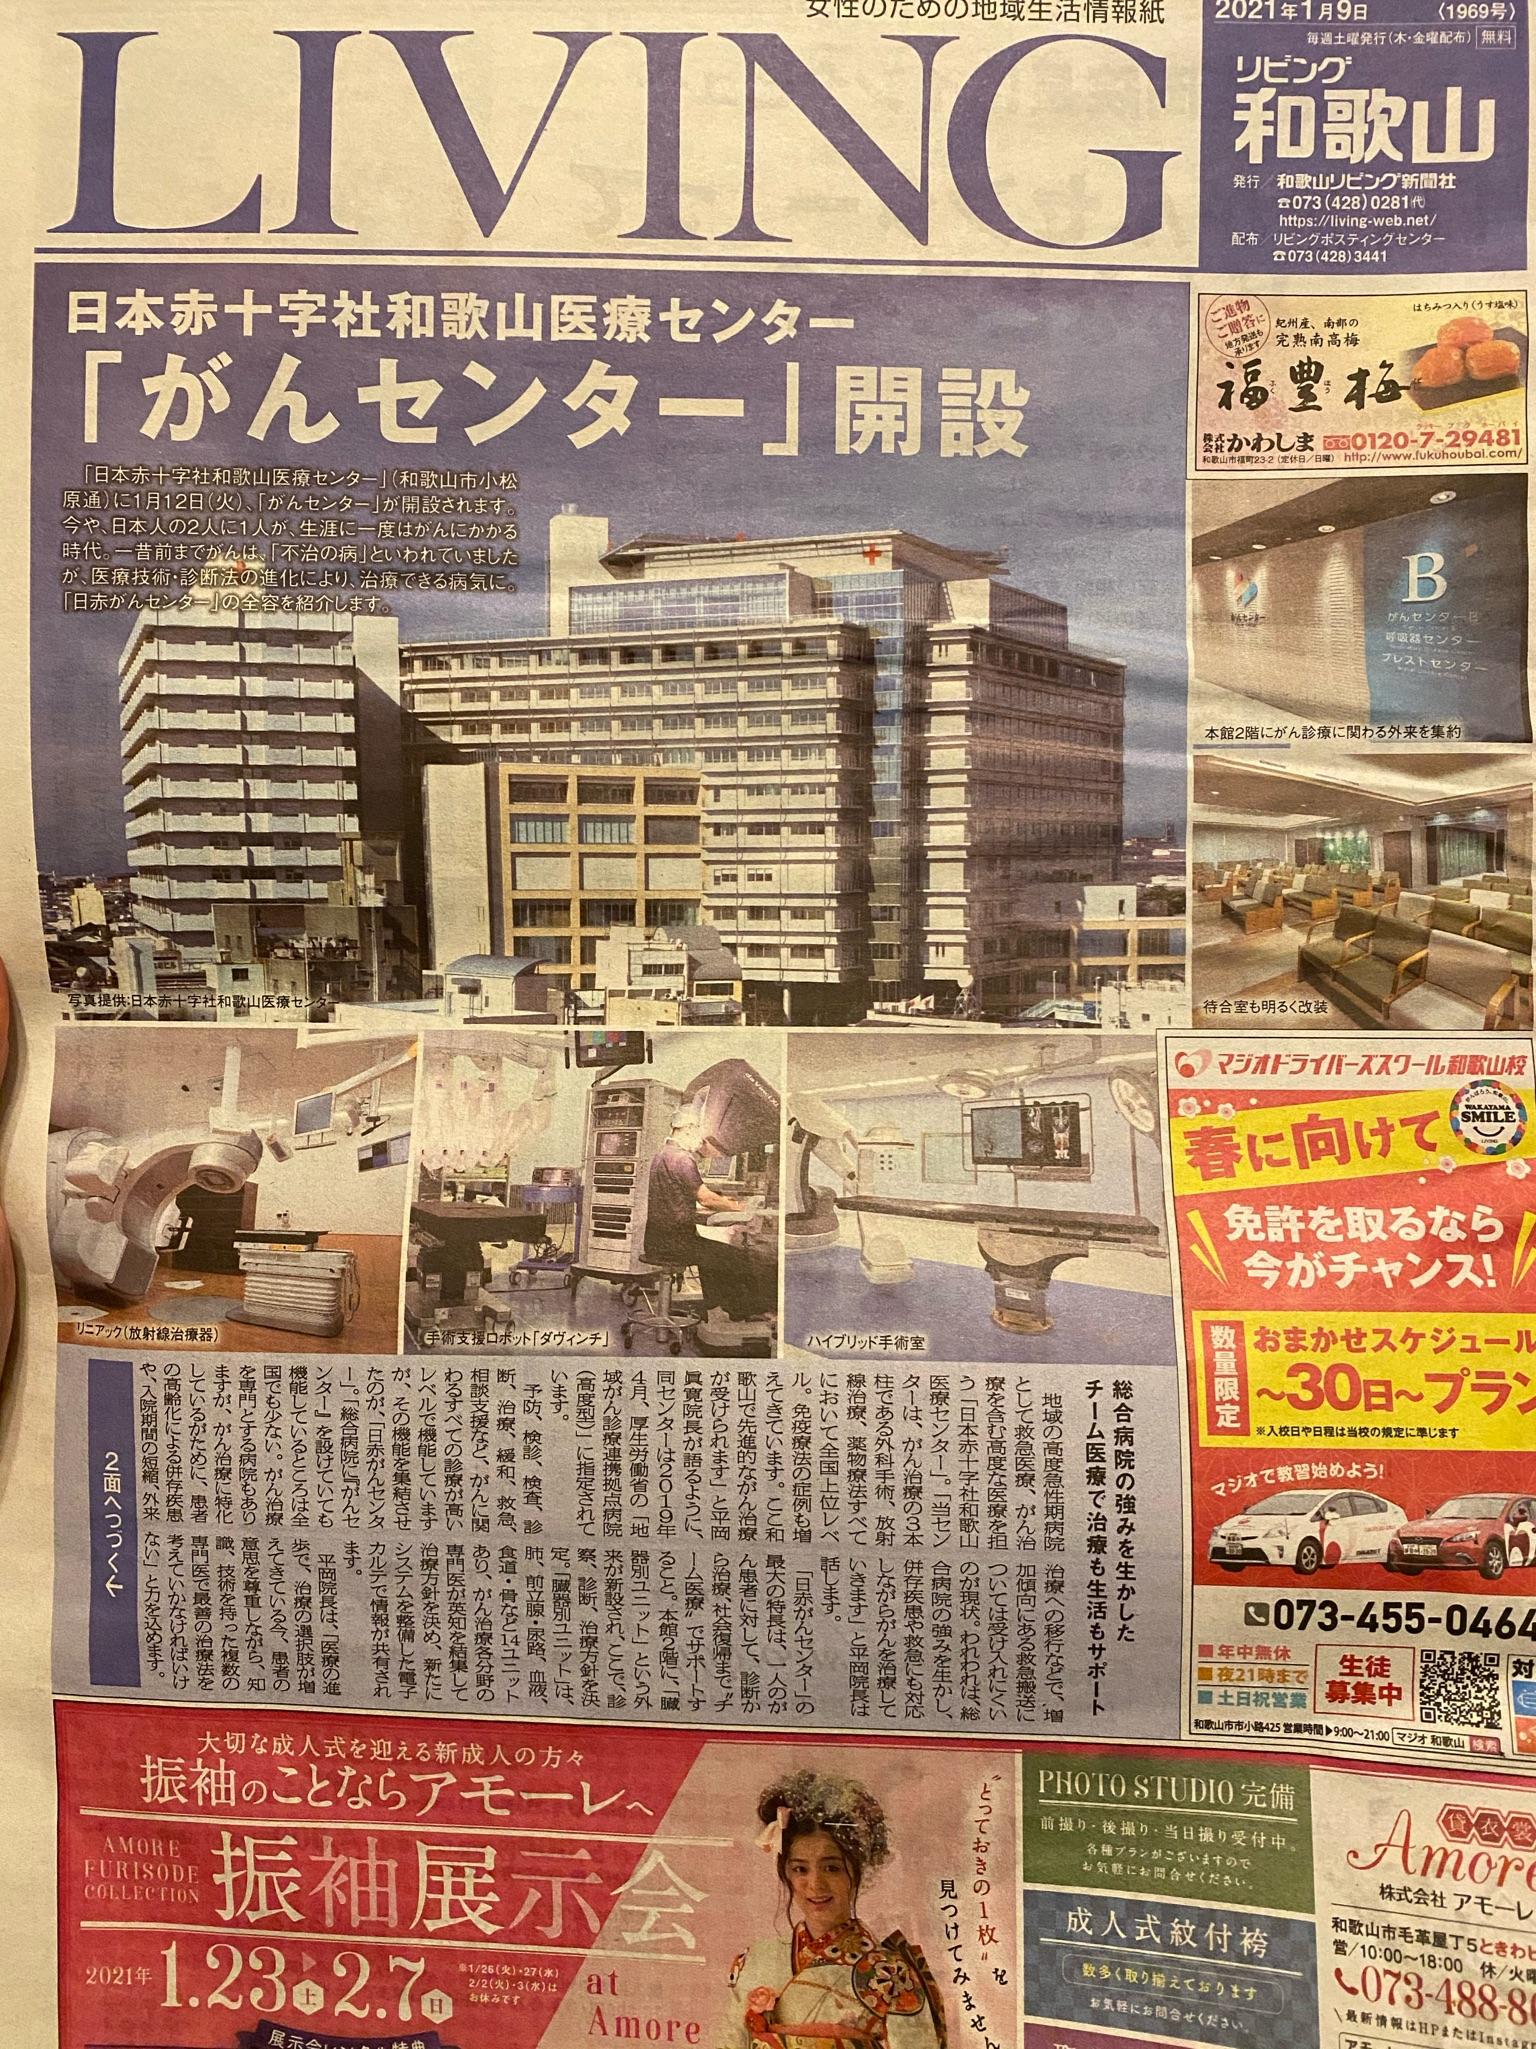 【和歌山市】リビング和歌山掲載♪|和歌山市リフォームと屋根外壁塗装